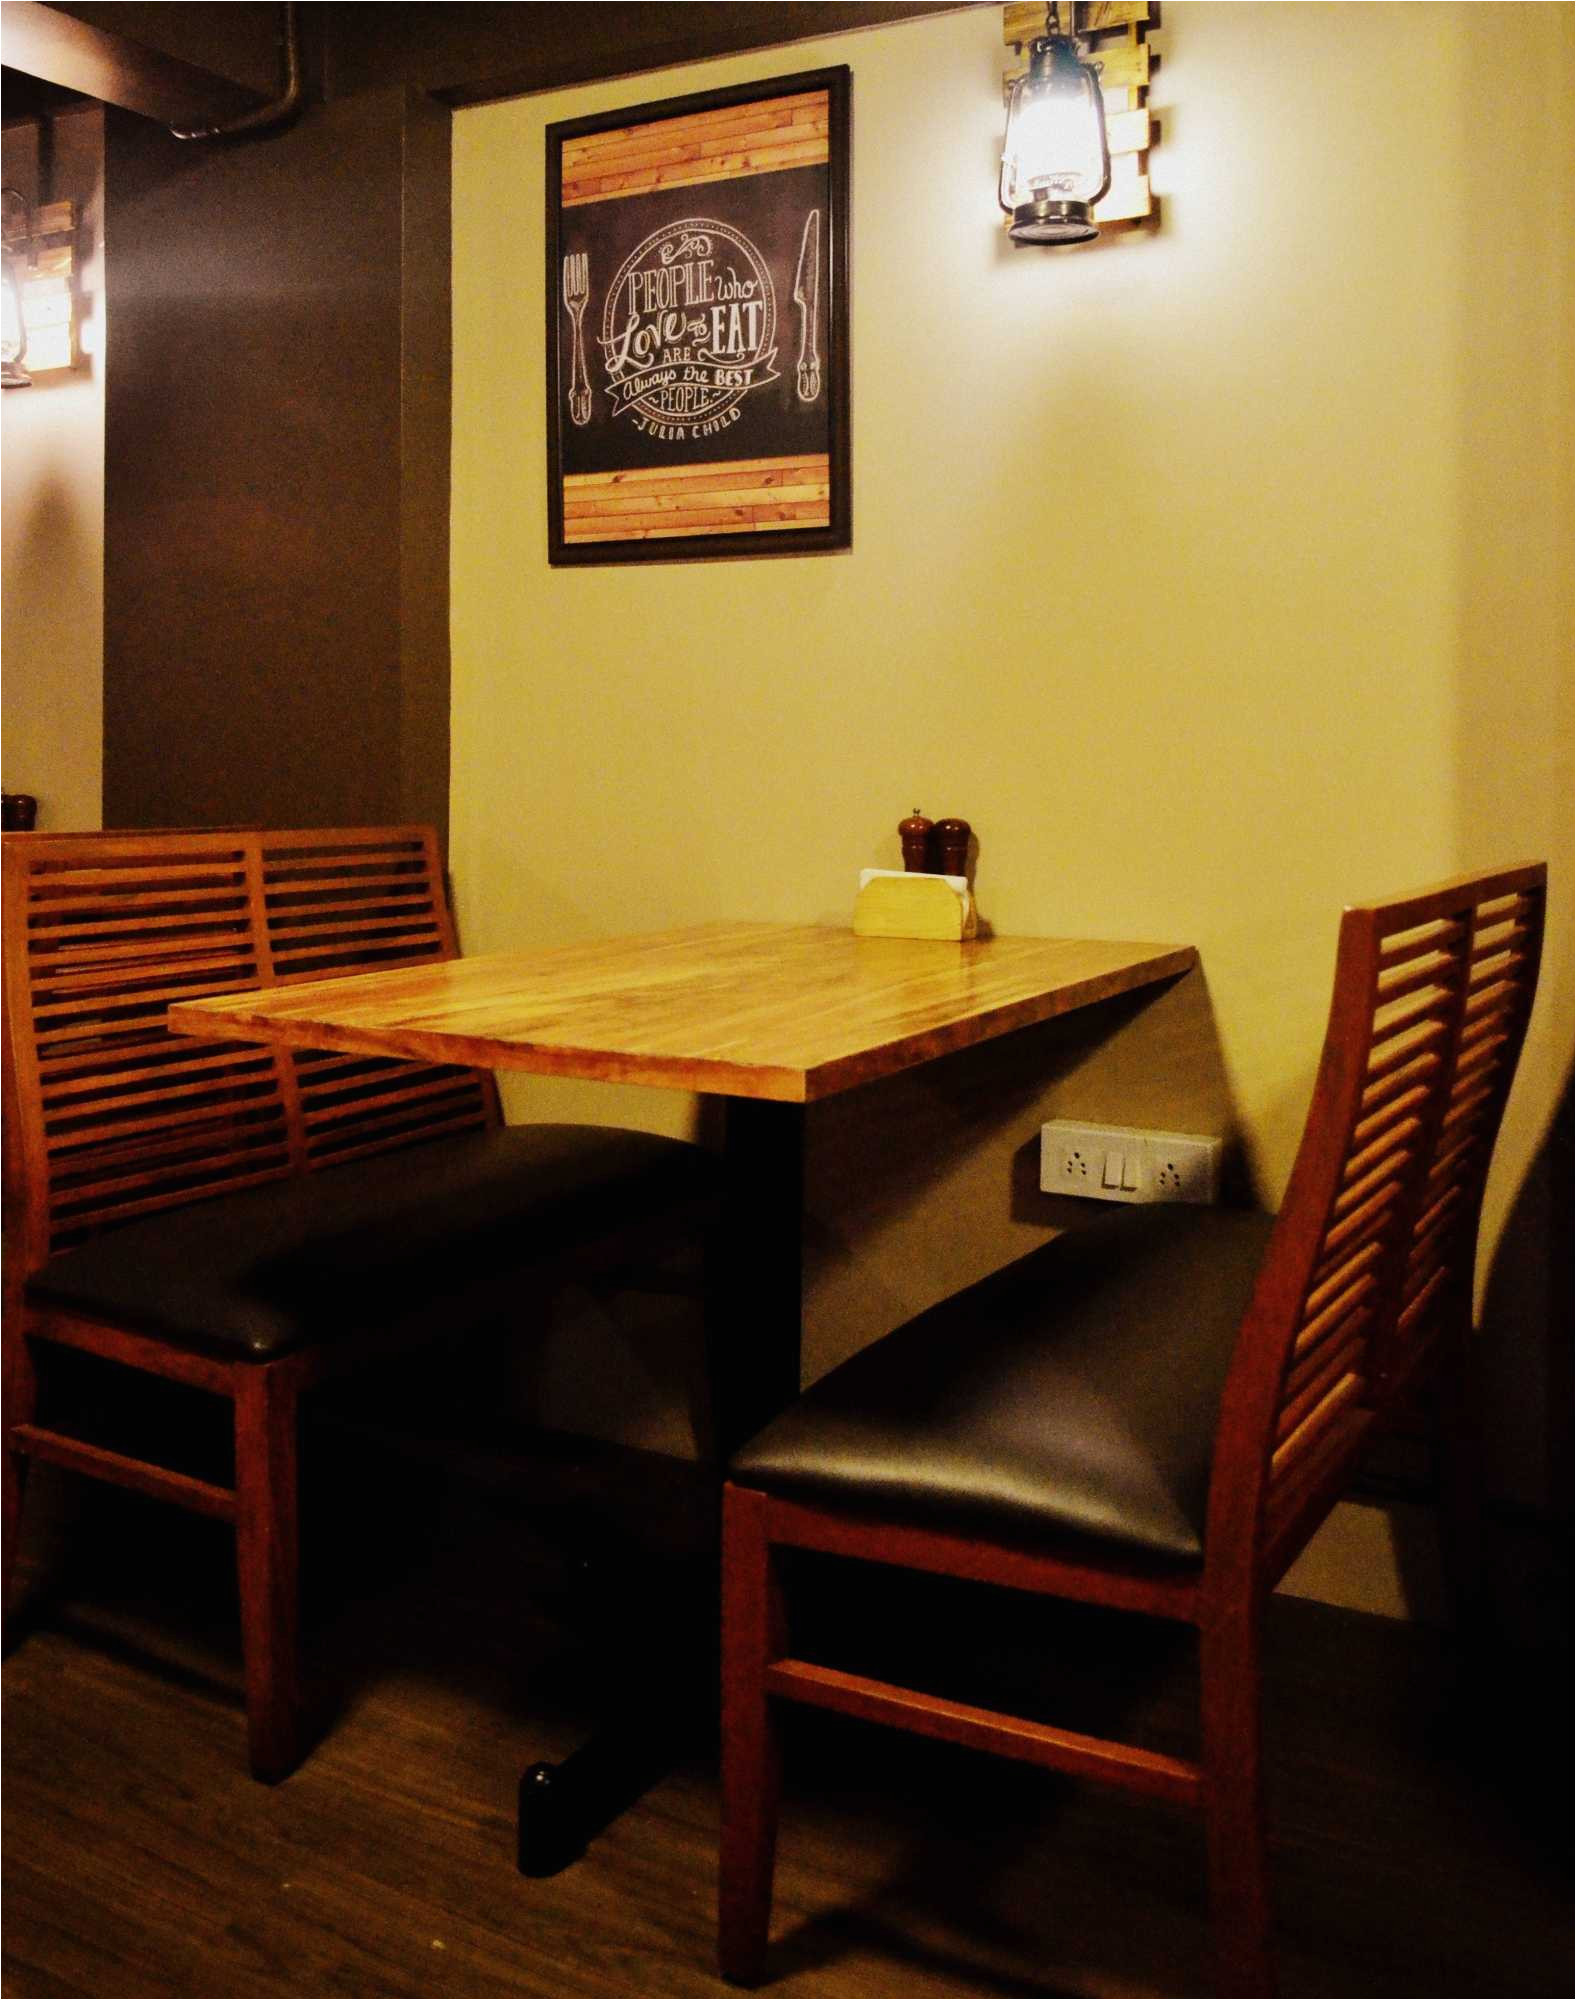 cafe junction ram nagar dombivali east thane italian restaurants d8ndkh jpg